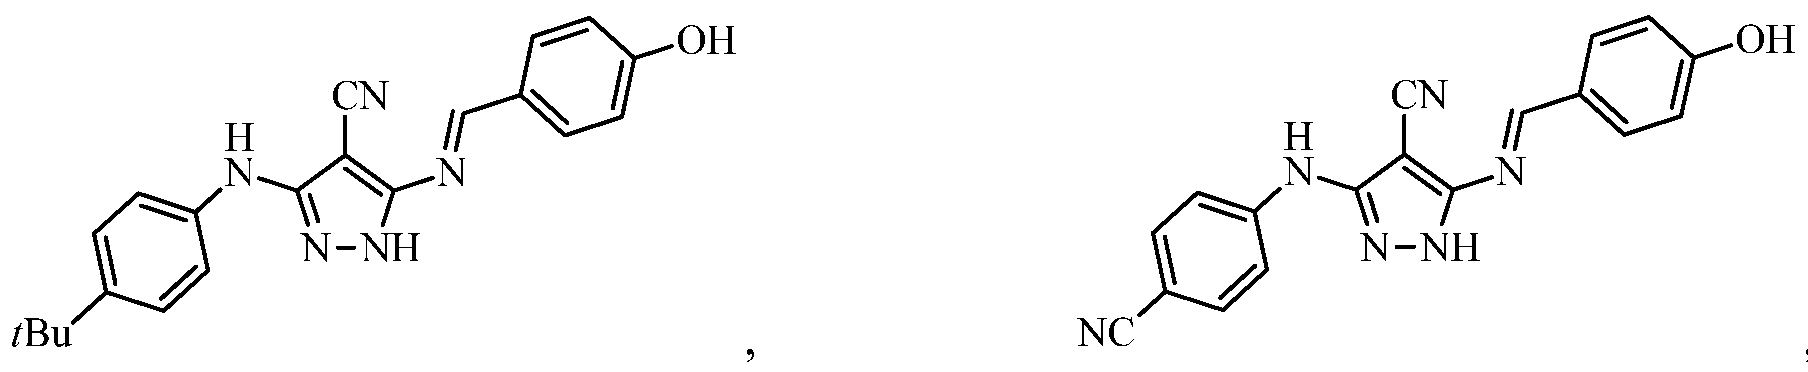 Figure imgf000165_0004